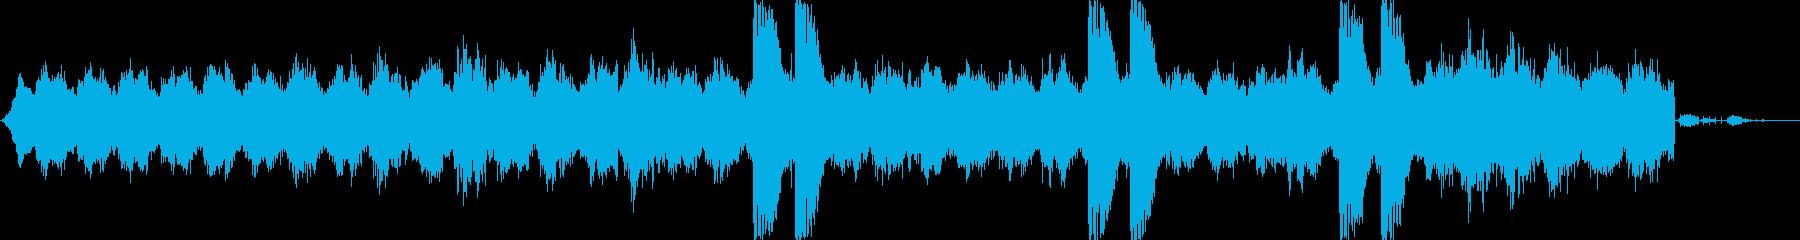 ヒーラー、過去世、前世、催眠療法の再生済みの波形